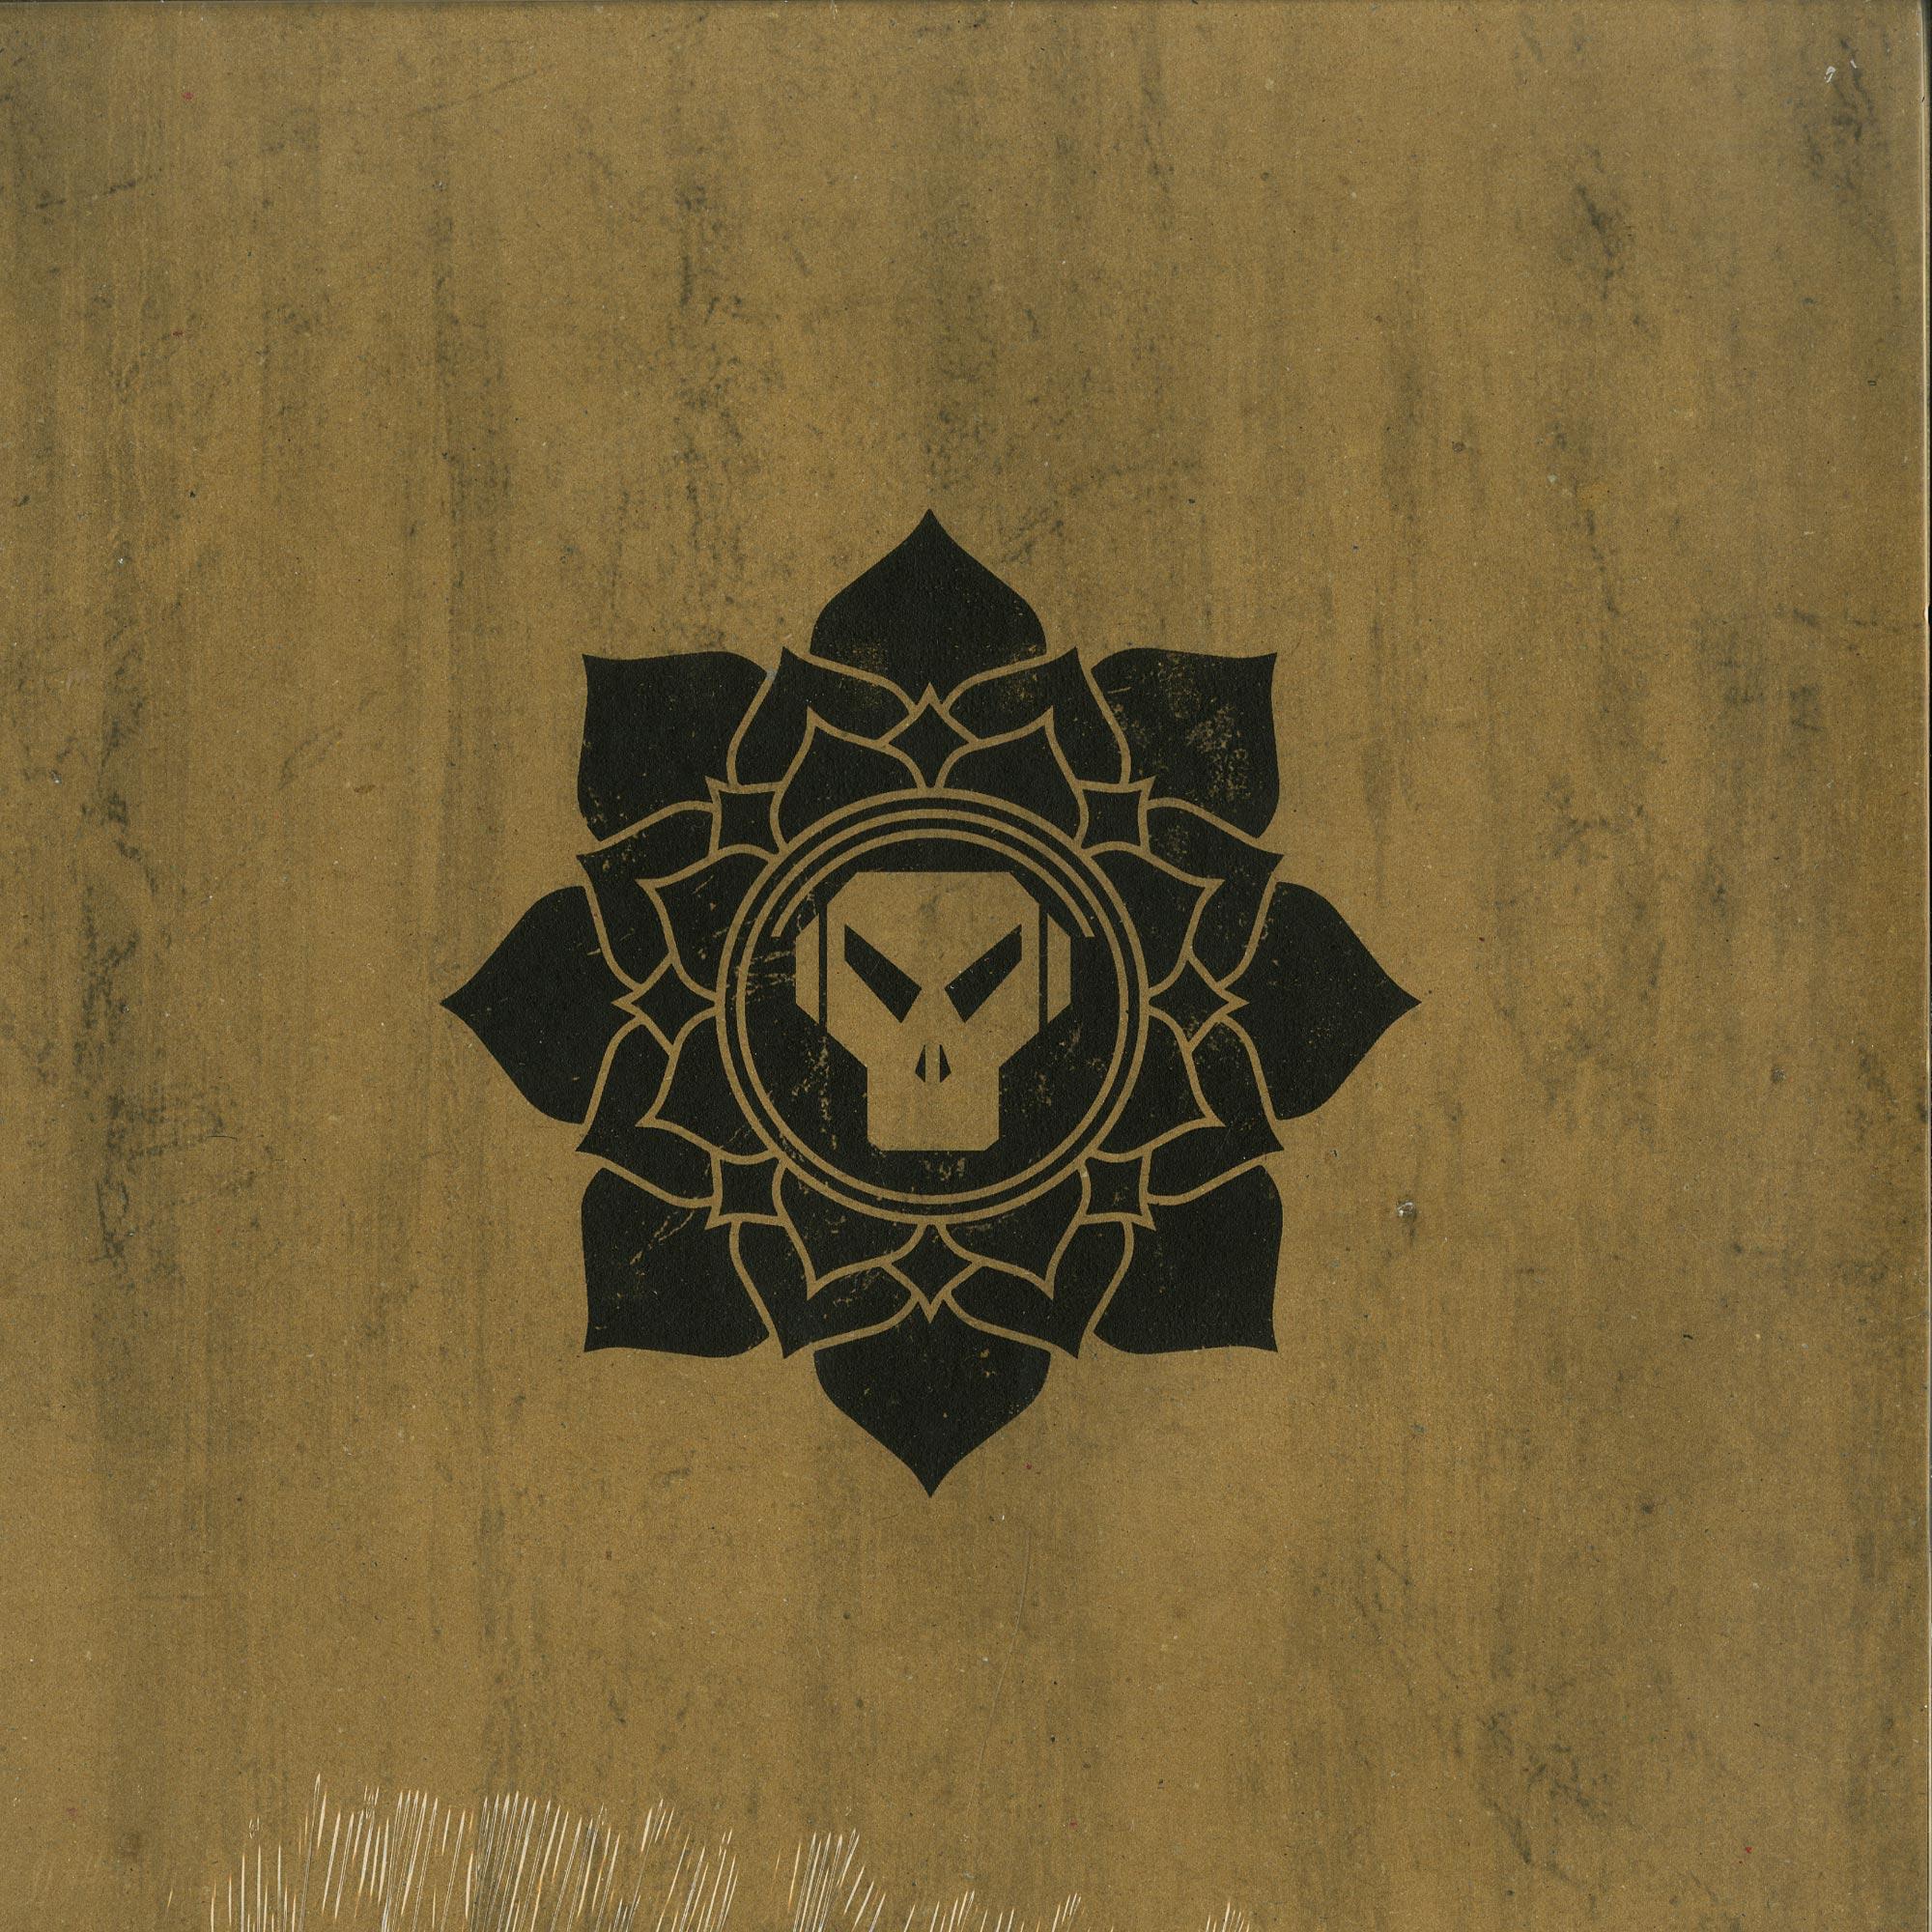 Gremlinz & Jesta - BLACK LOTUS / OPIUM DEN